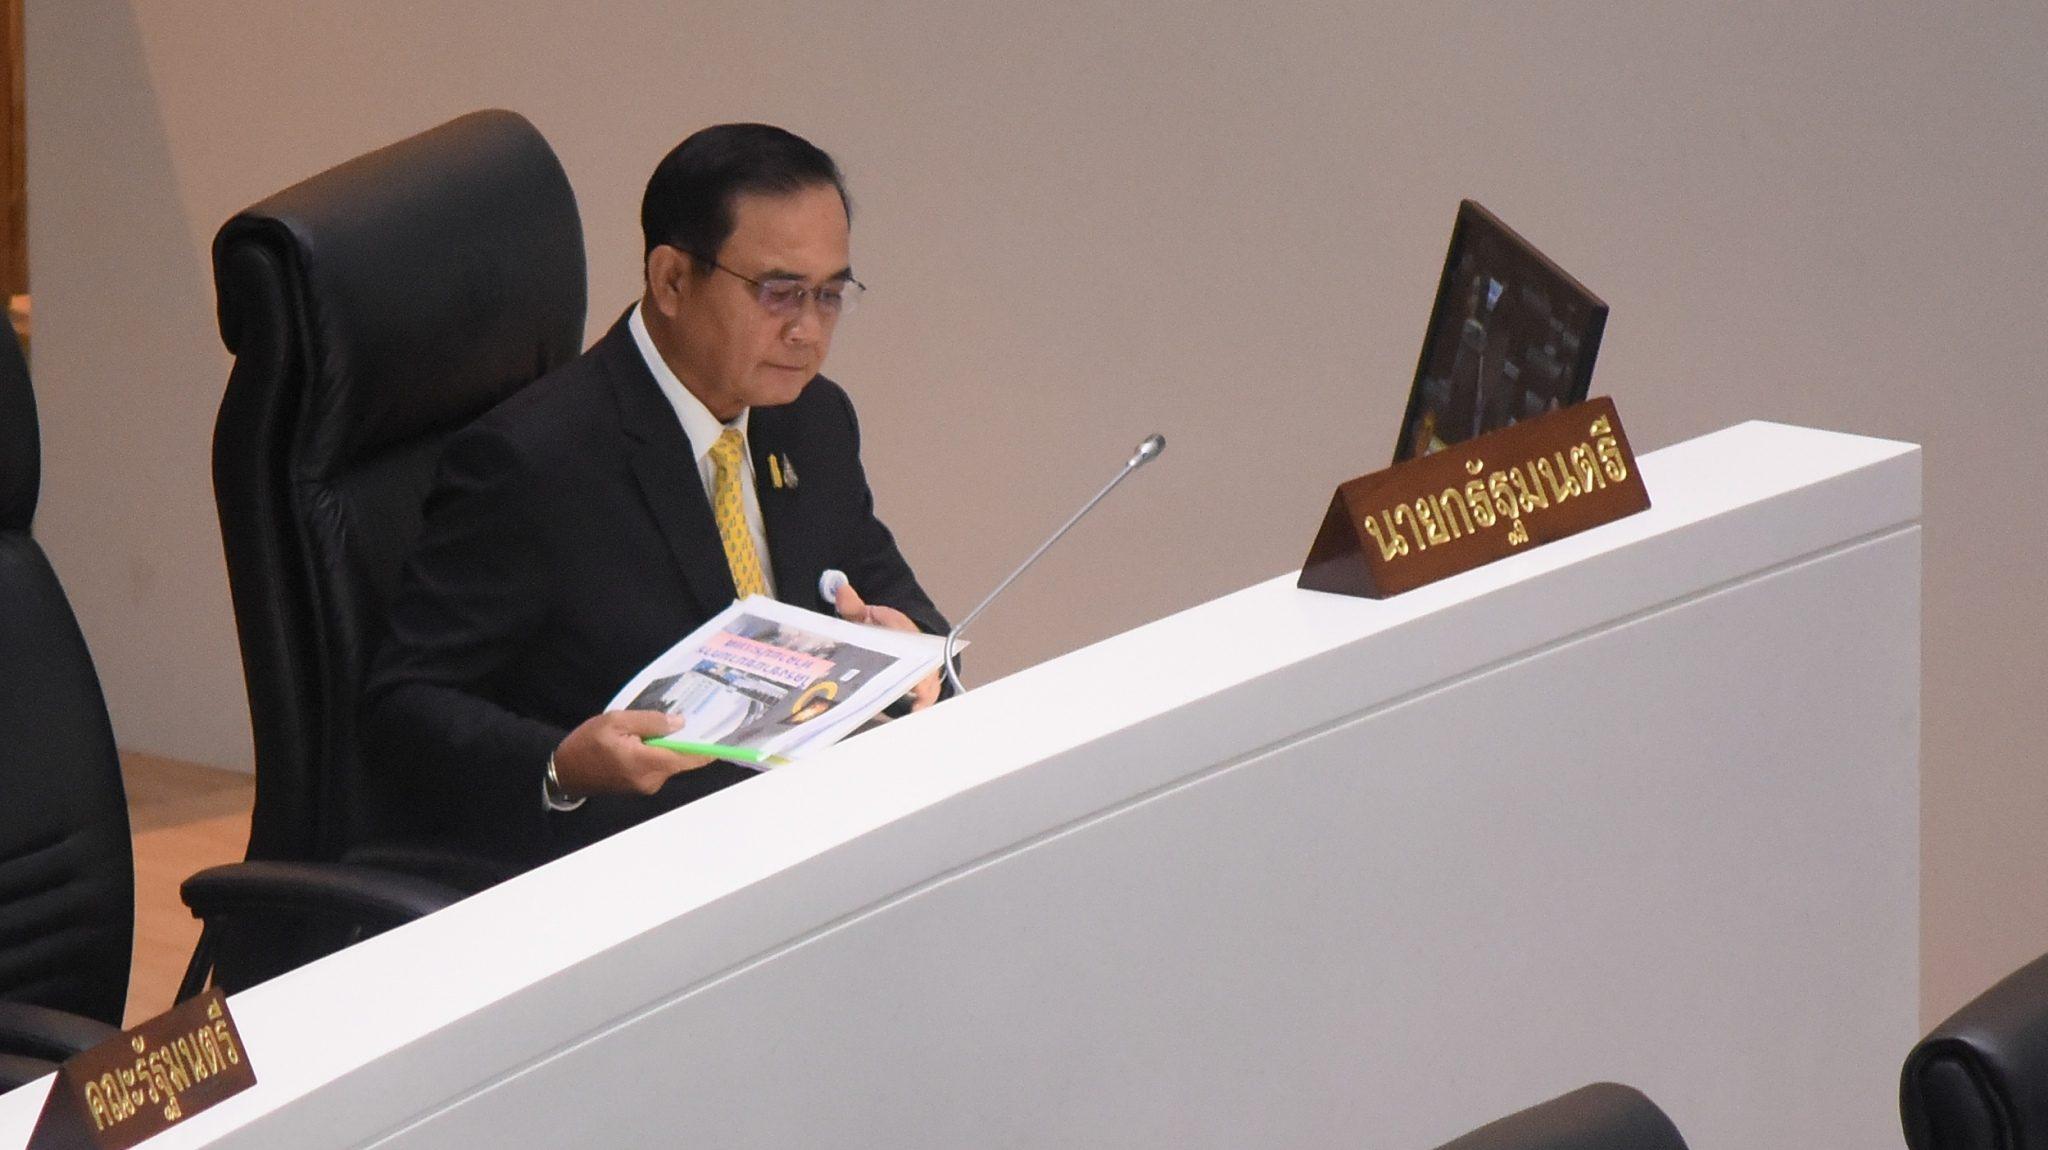 ข่าวนายกรัฐมนตรี ข่าวสดวันนี้ ประชุมสภา พล.อ.ประยุทธ์ จันทร์โอชา อภิปรายถวายสัตย์ไม่ครบ